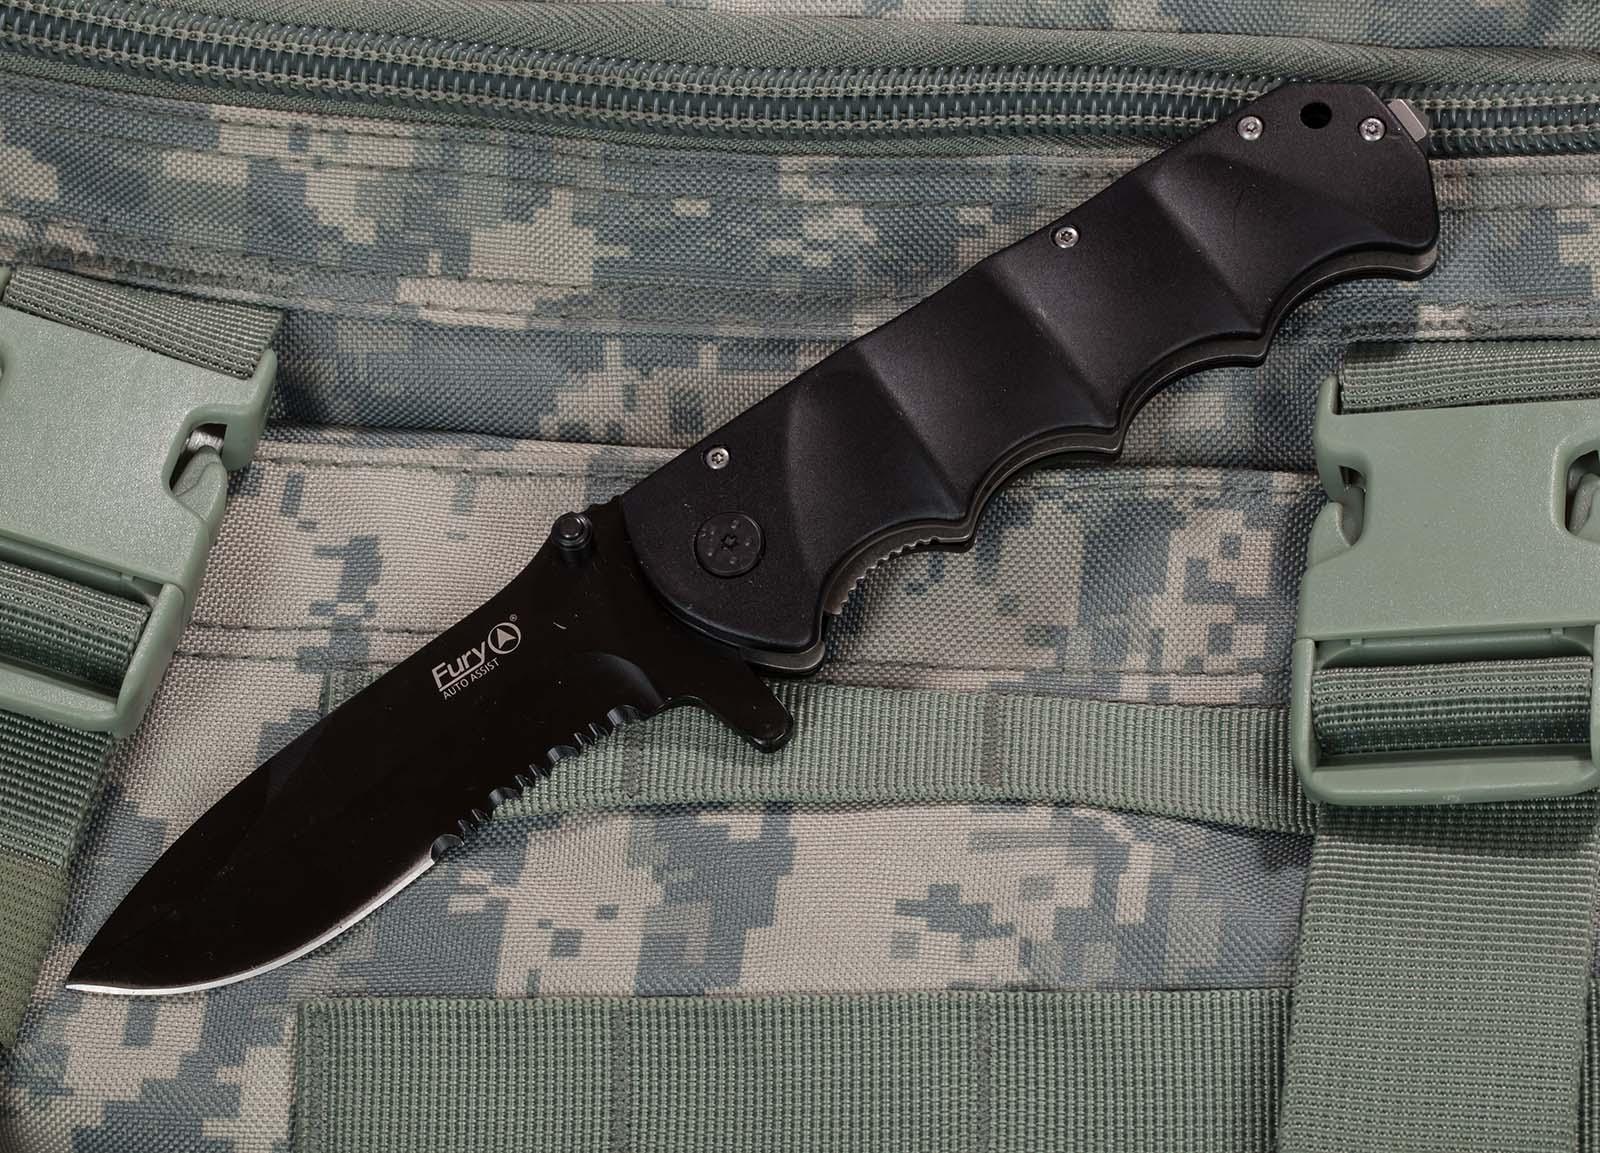 Тактическо-спасательный нож Fury Knives Tactical 99104 EMS - заказать онлайн